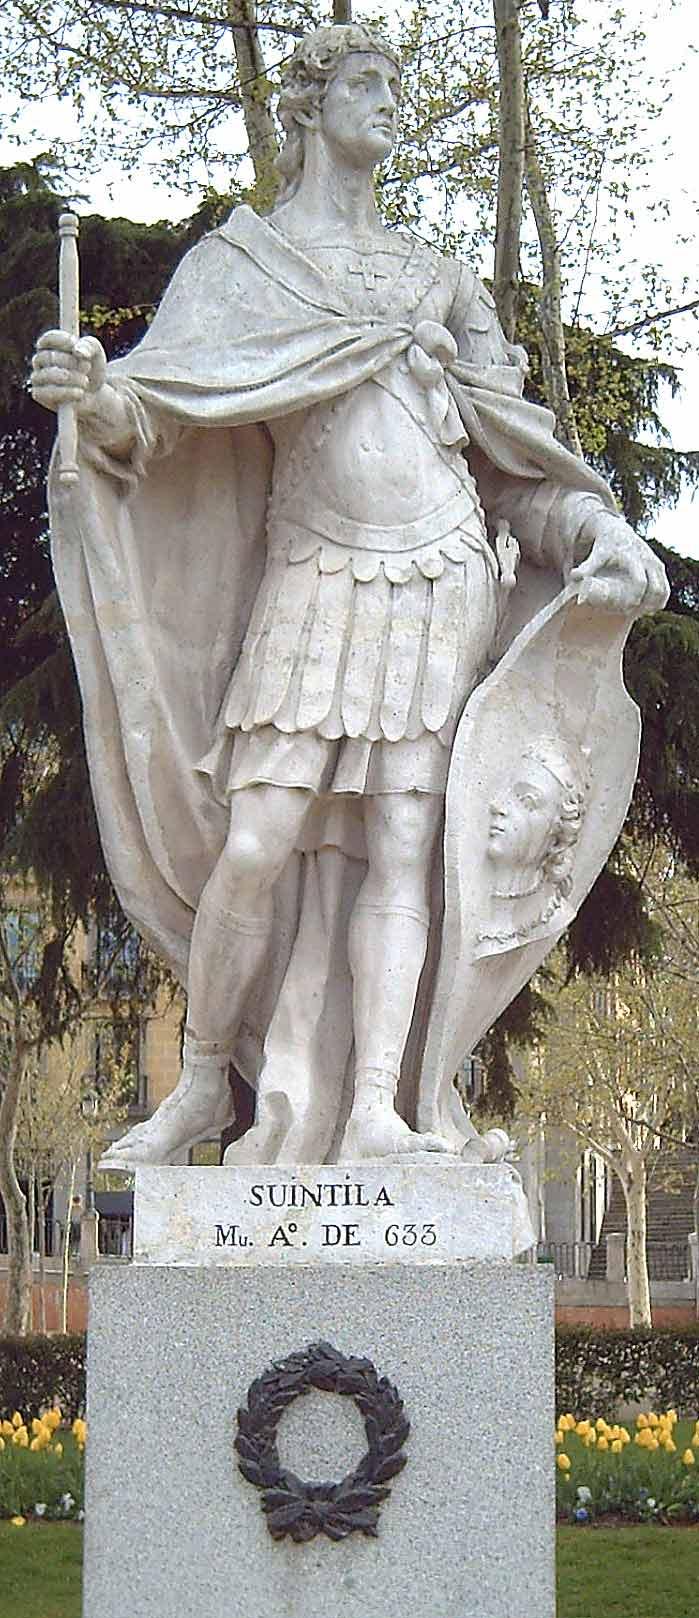 Скулптура Свинтиле у парку Ретиро, Мадрид. Свинтила је успео да уништи византијску провинцију Спанију и да уједини цело Иберијско полуострво под једном круном